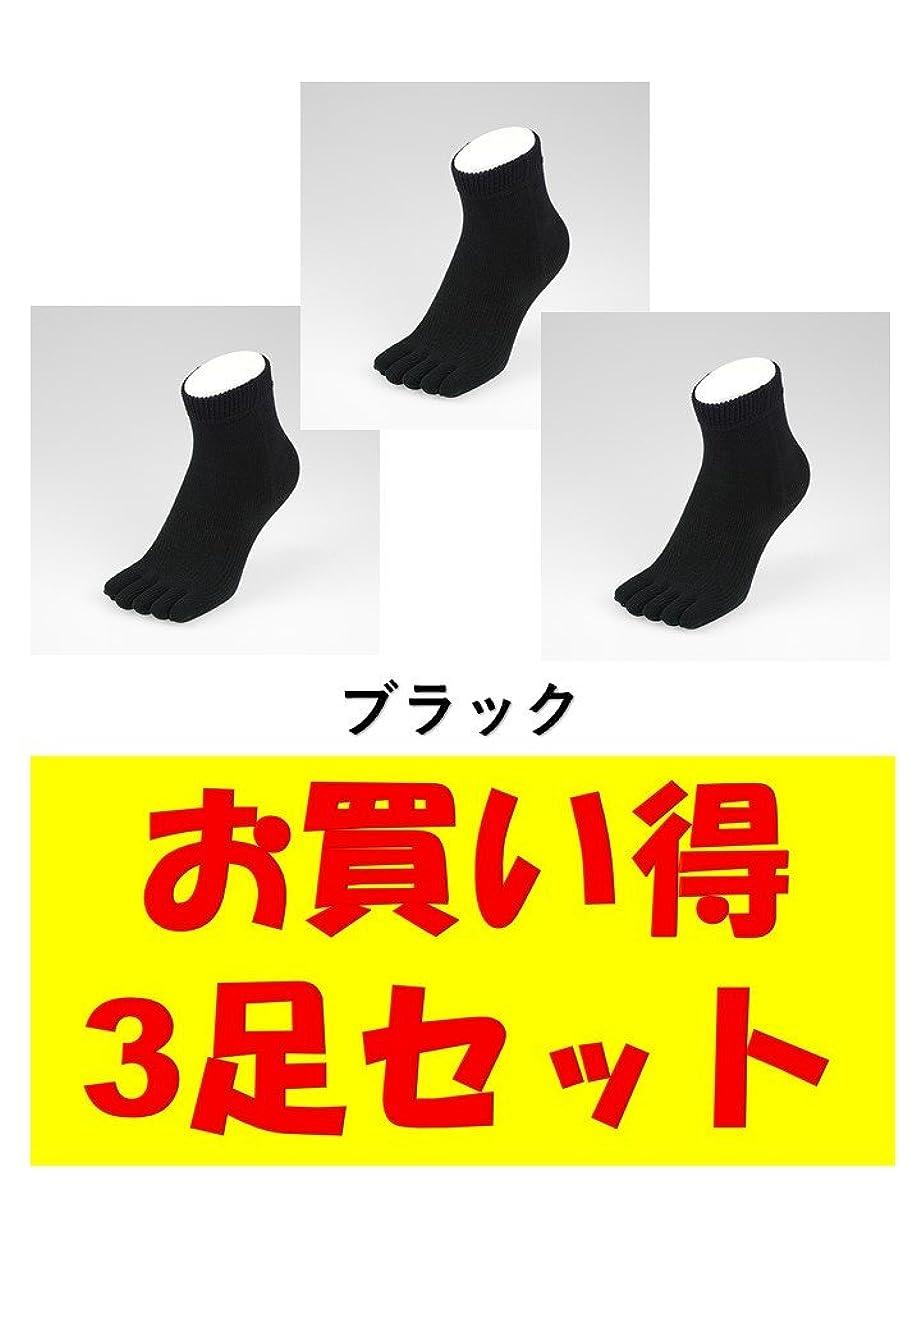 男らしさ十分です解決お買い得3足セット 5本指 ゆびのばソックス Neo EVE(イヴ) ブラック iサイズ(23.5cm - 25.5cm) YSNEVE-BLK